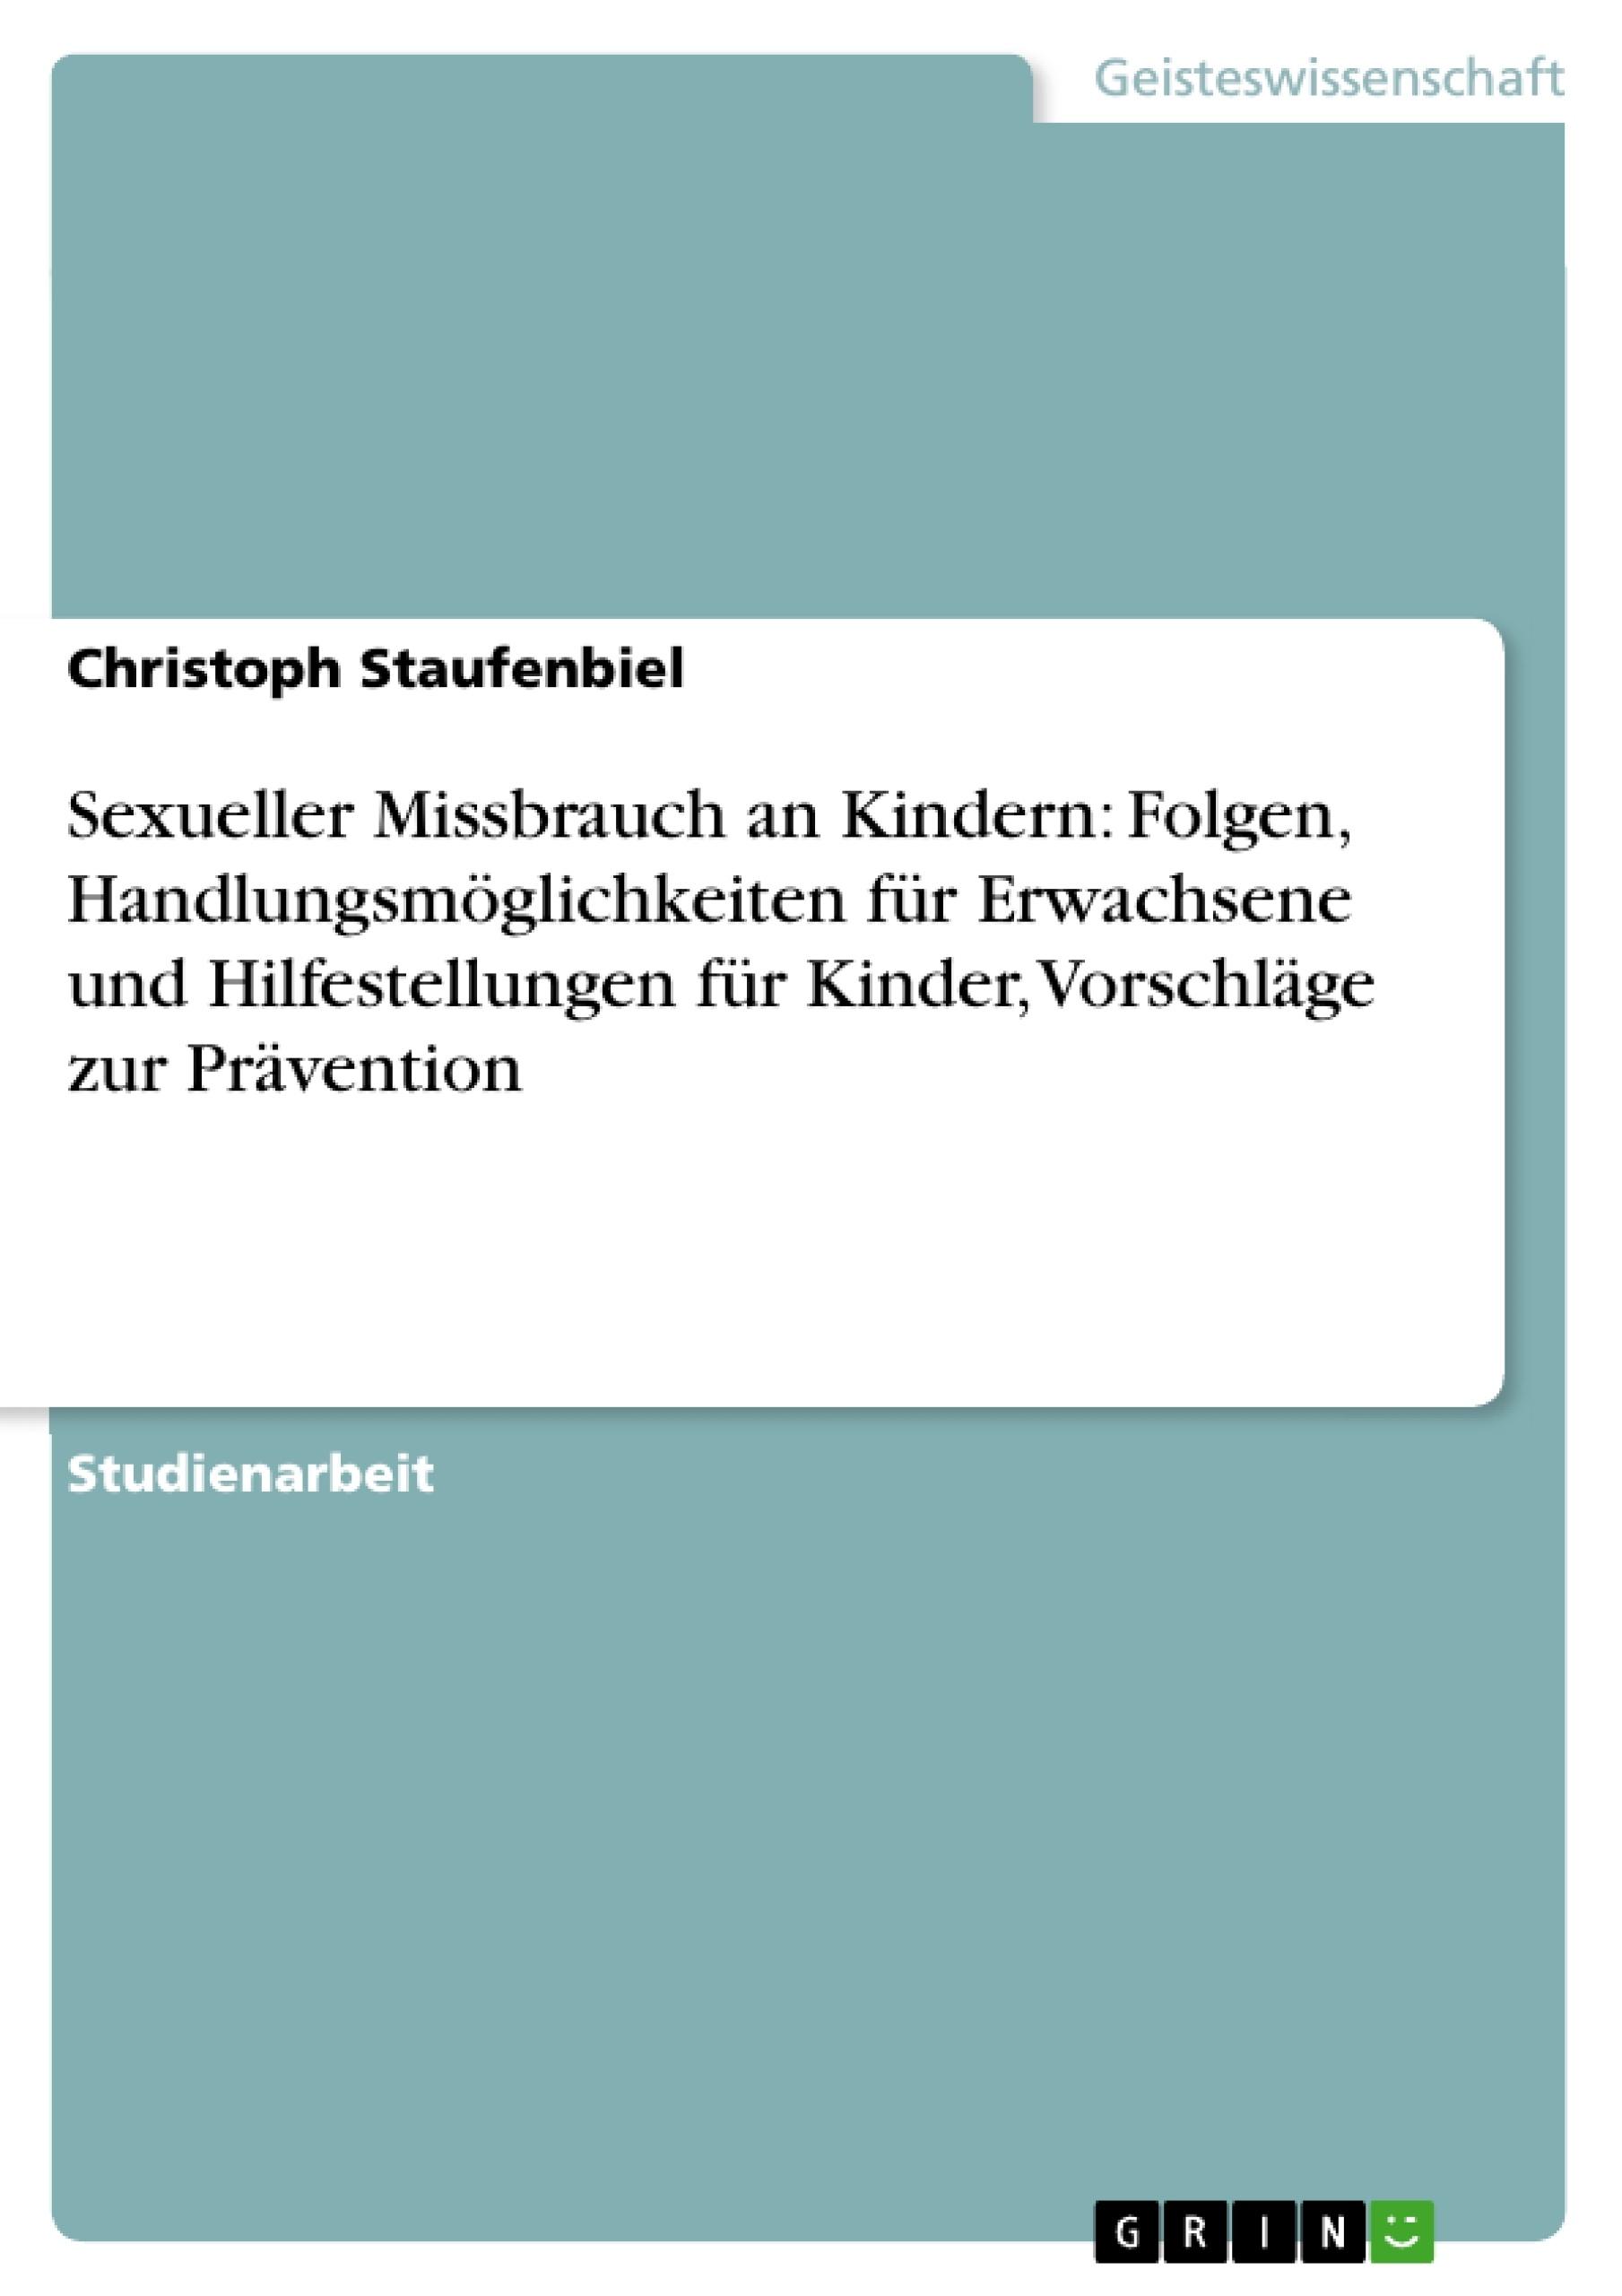 Titel: Sexueller Missbrauch an Kindern: Folgen, Handlungsmöglichkeiten für Erwachsene und Hilfestellungen für Kinder, Vorschläge zur Prävention